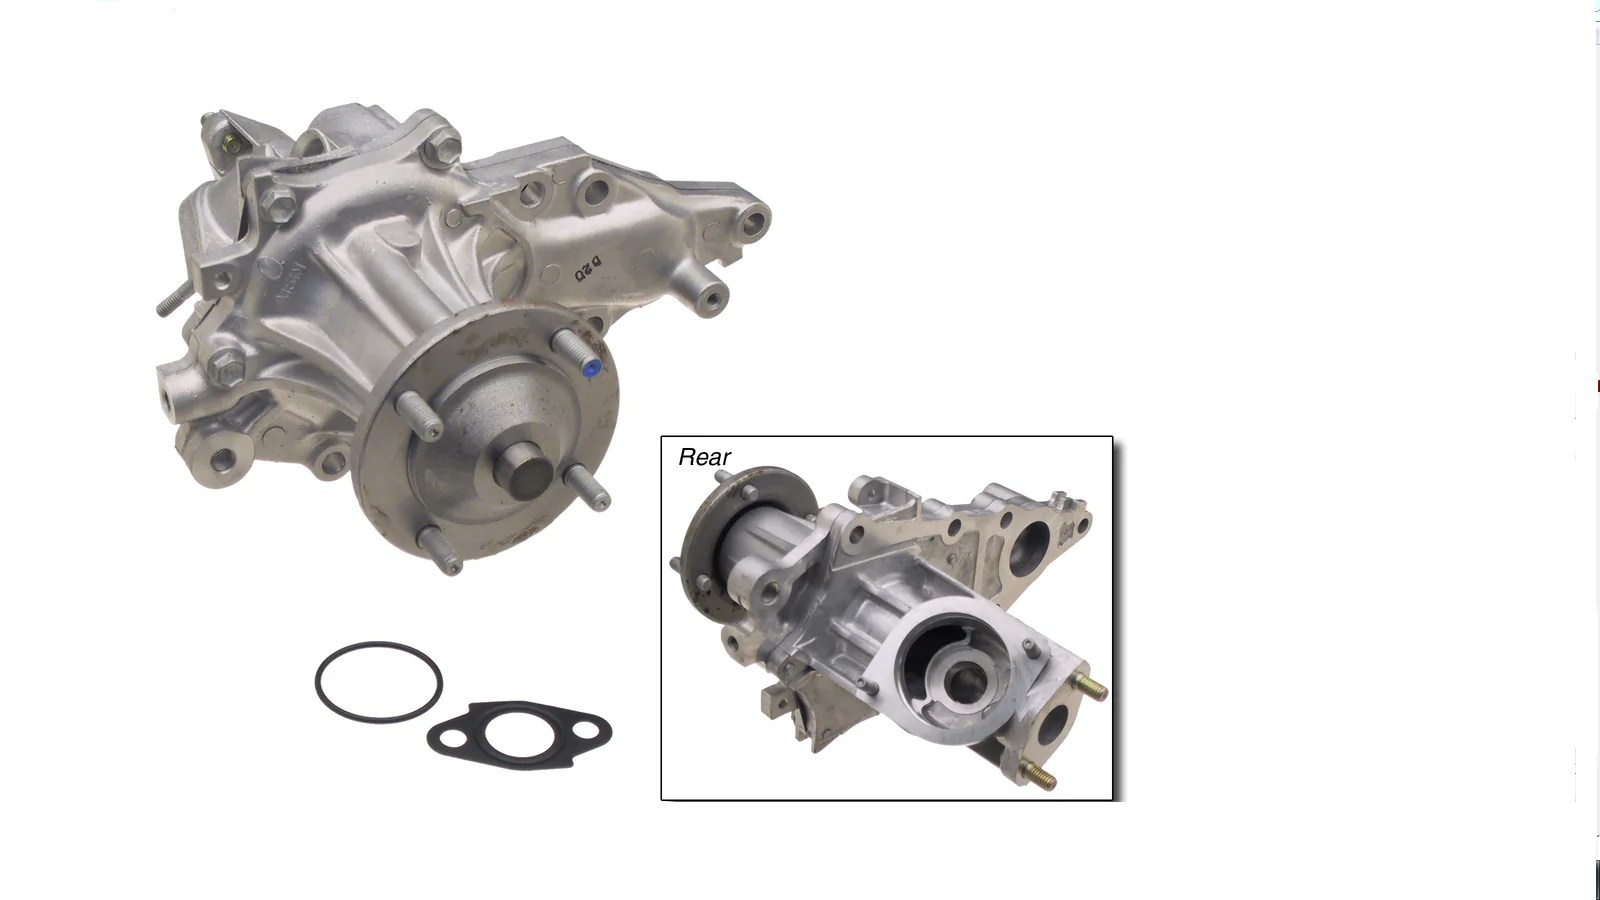 hight resolution of 1993 lexu gs300 engine